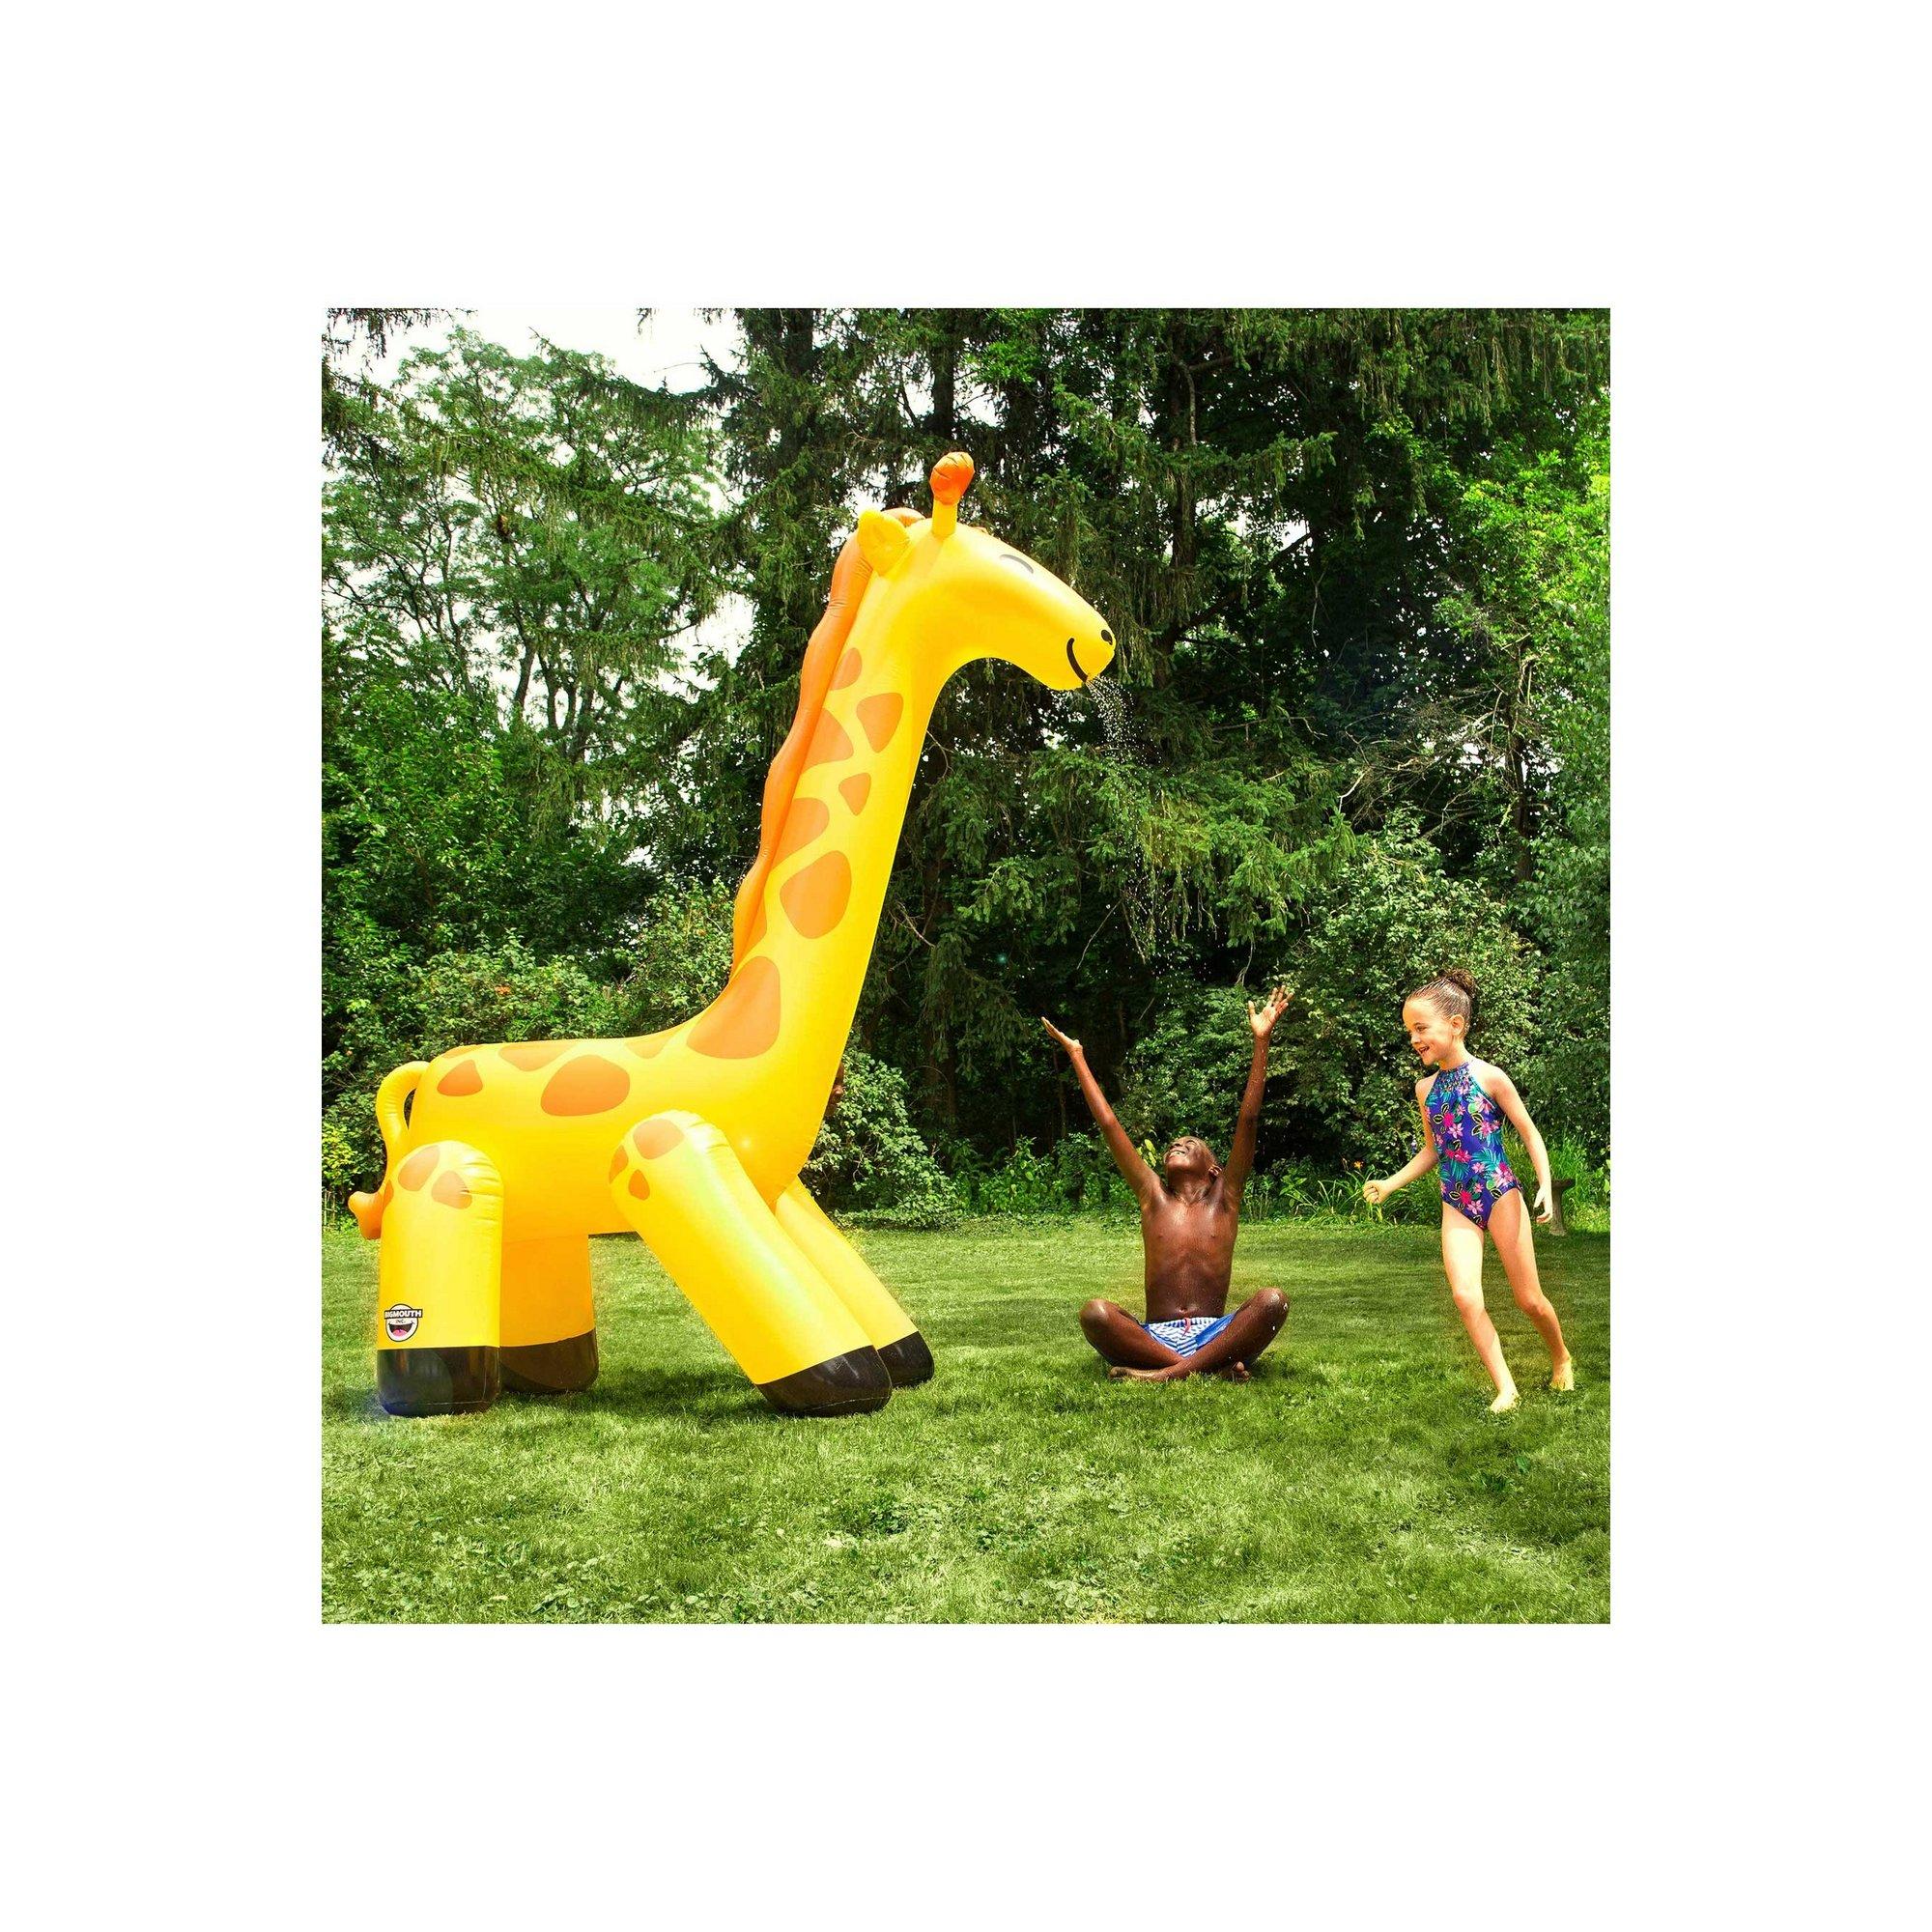 Image of Giraffe Yard Sprinkler 10ft tall